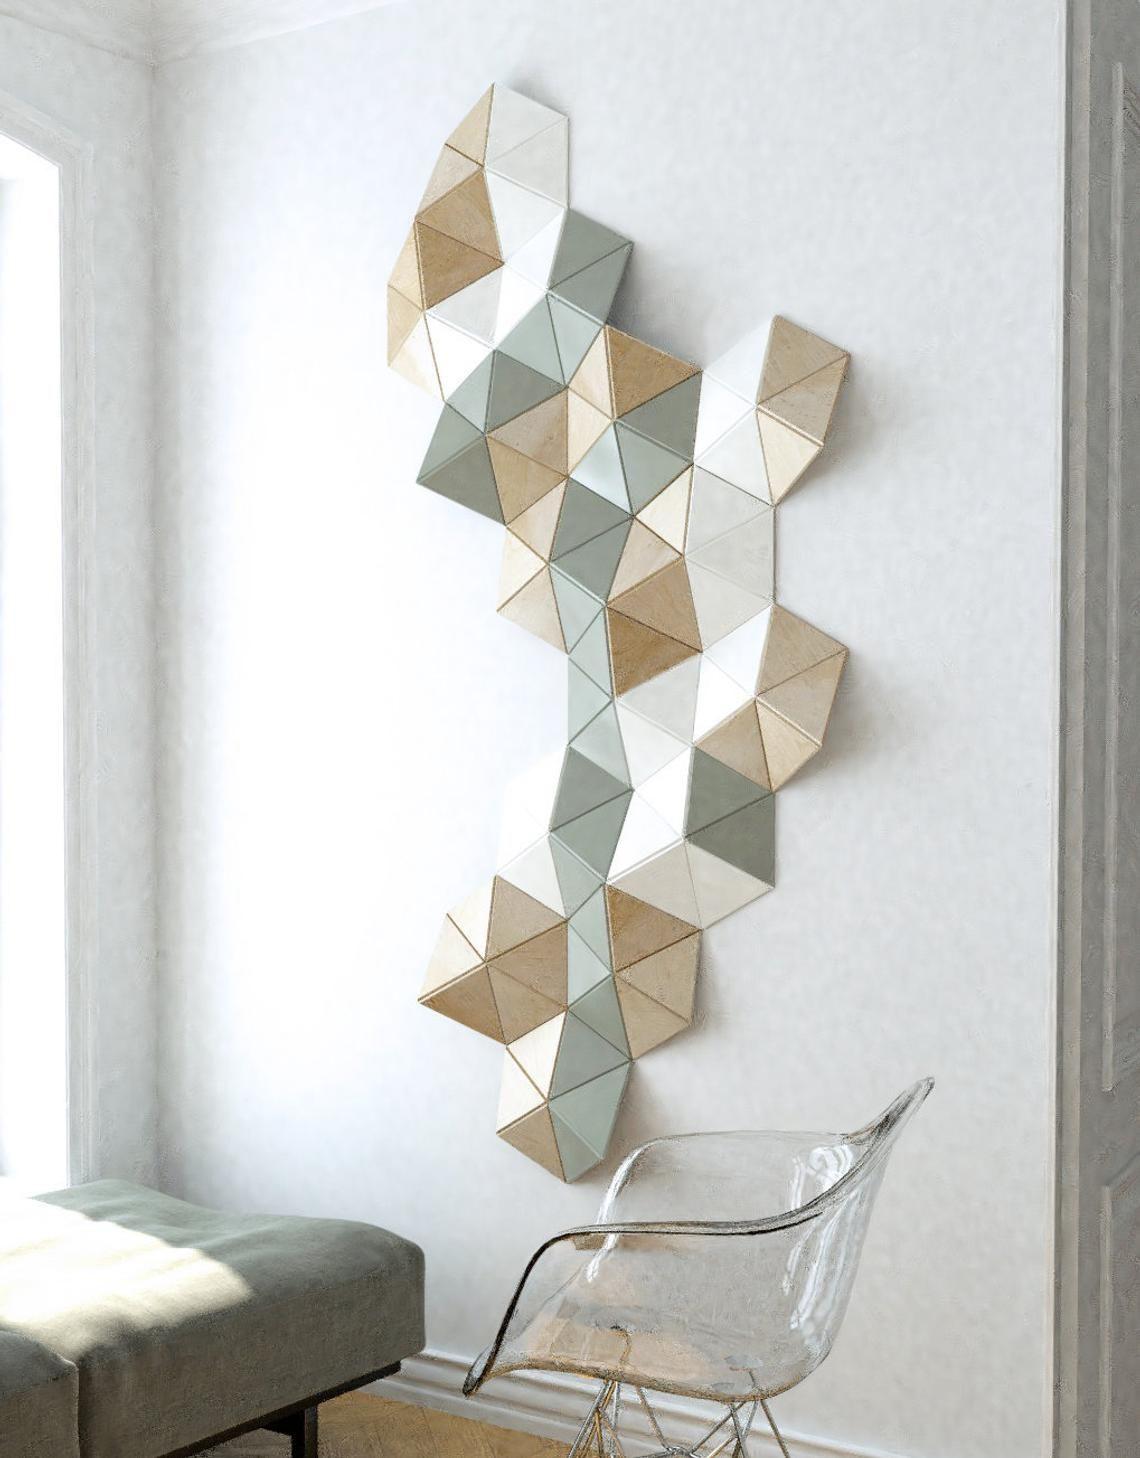 3d Wall Art Wall Sculpture Geometric Art Wooden Wall Decor